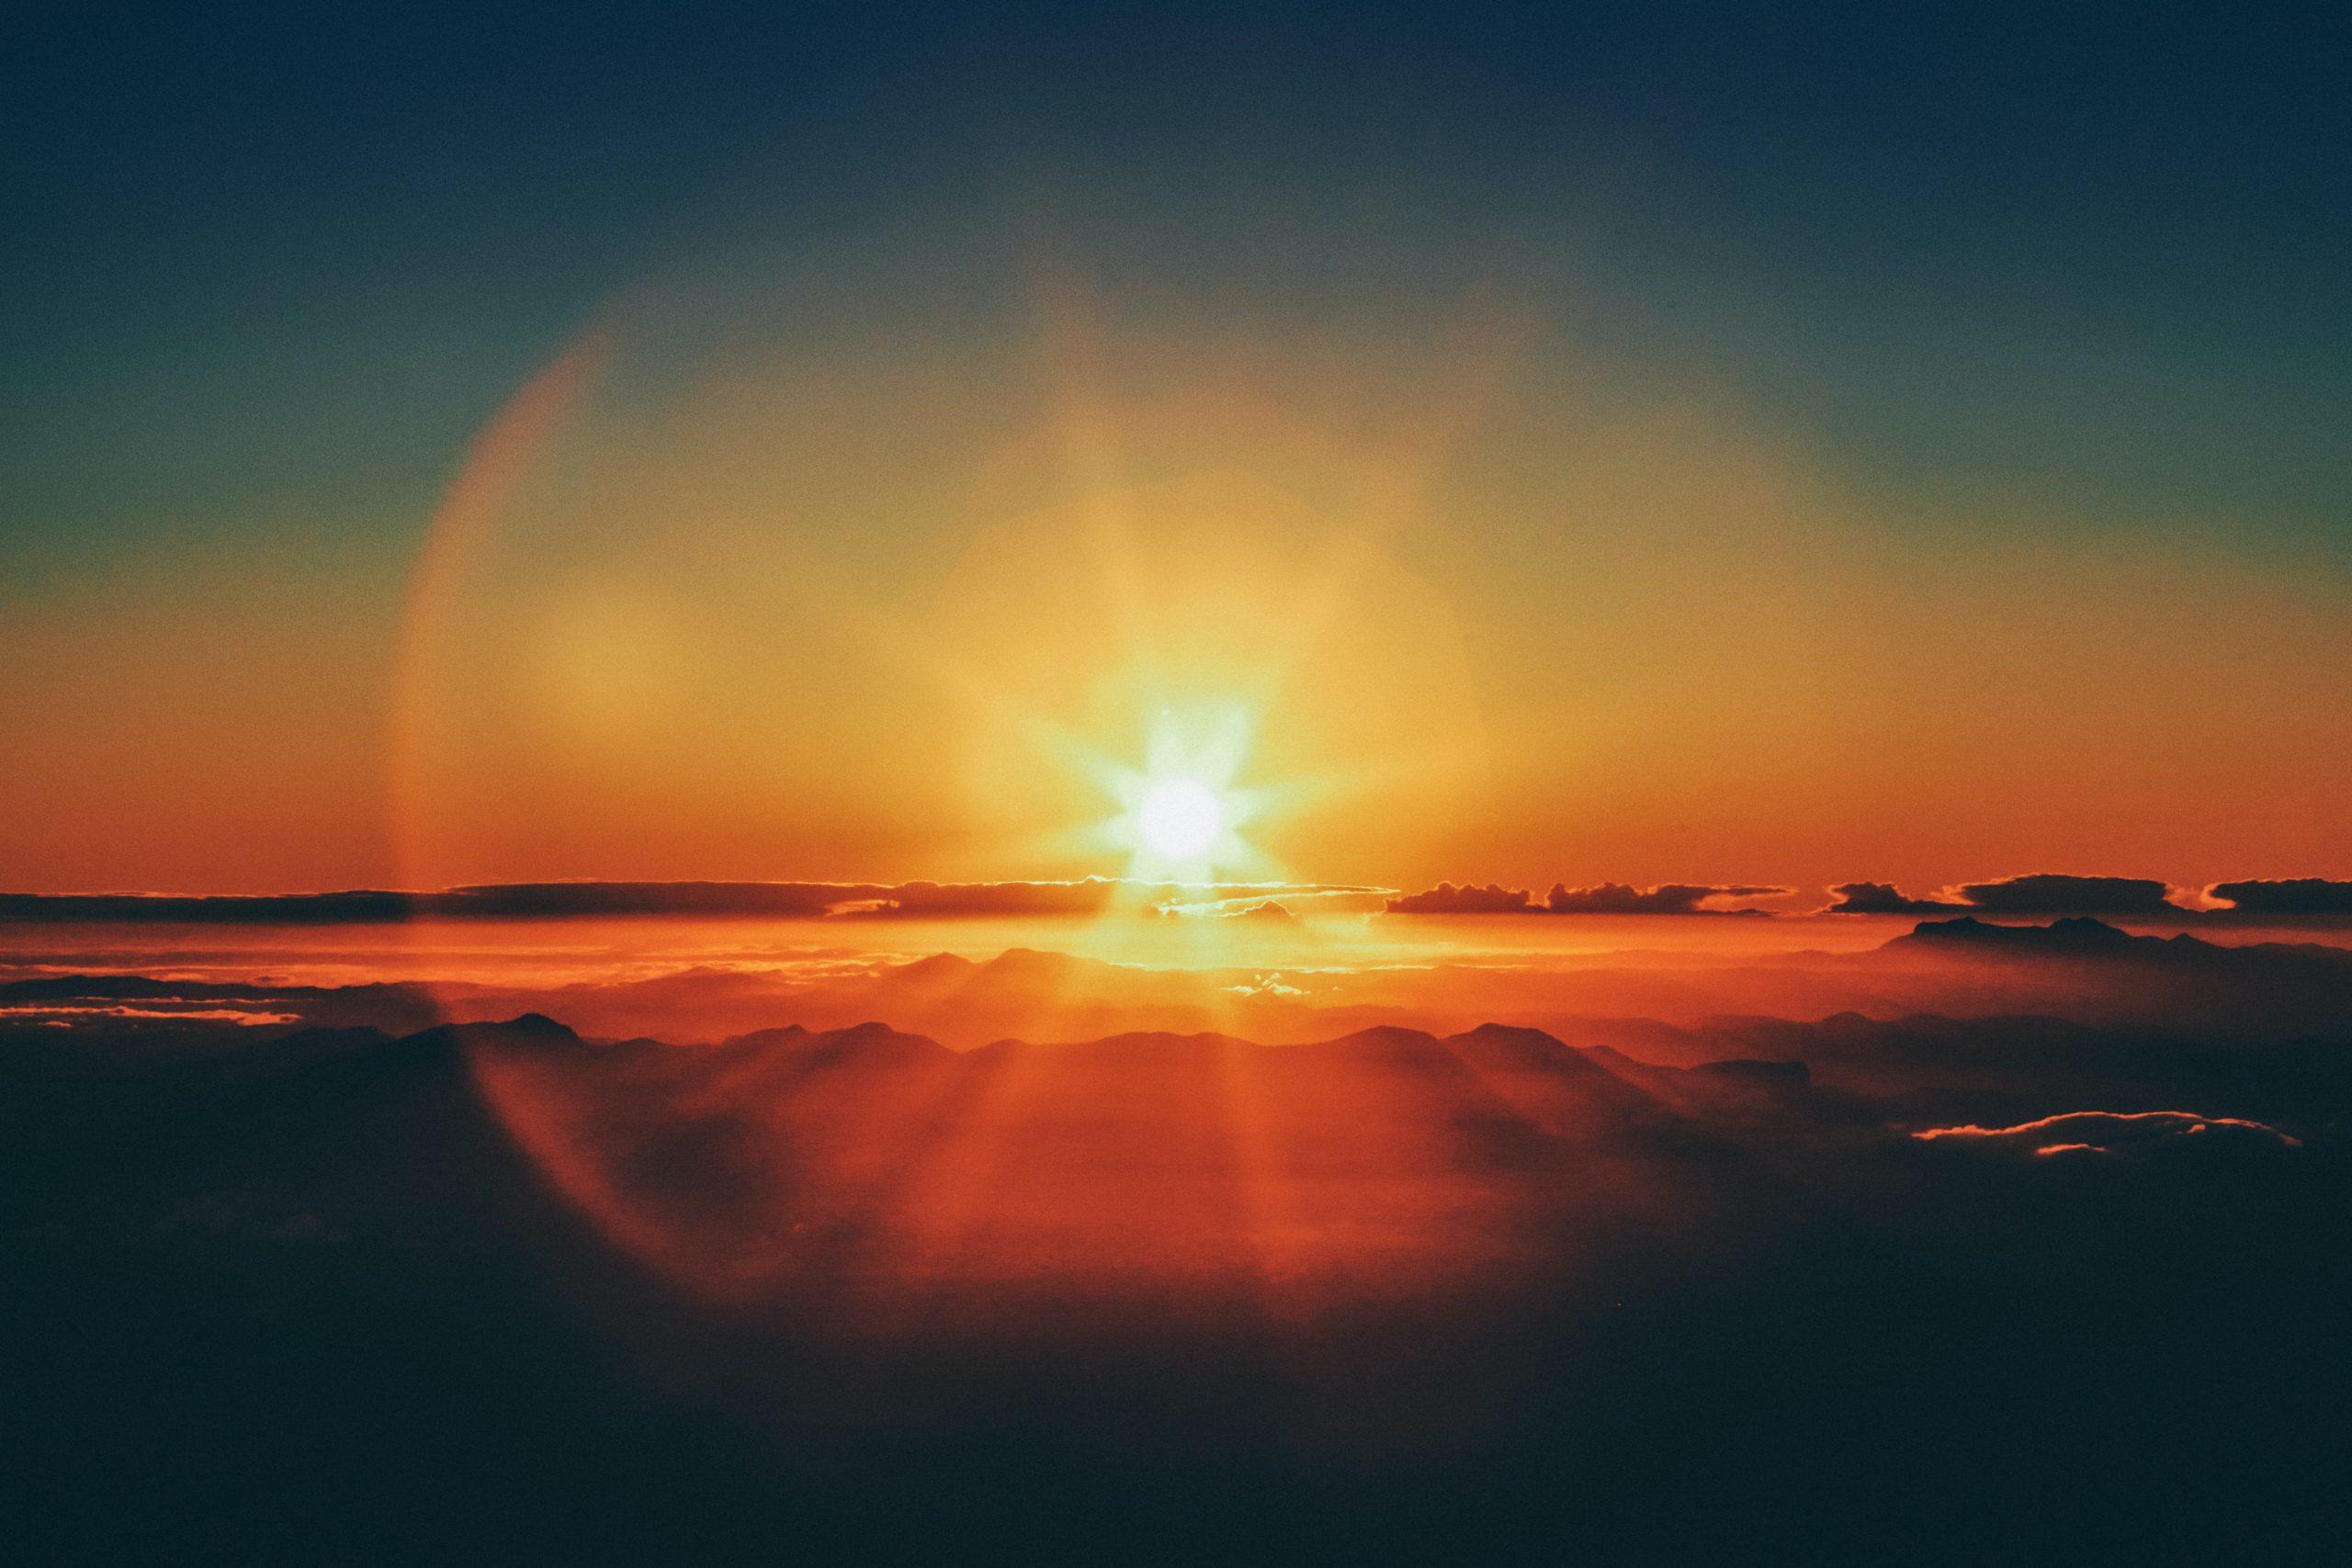 太陽星座とは?解説した文章